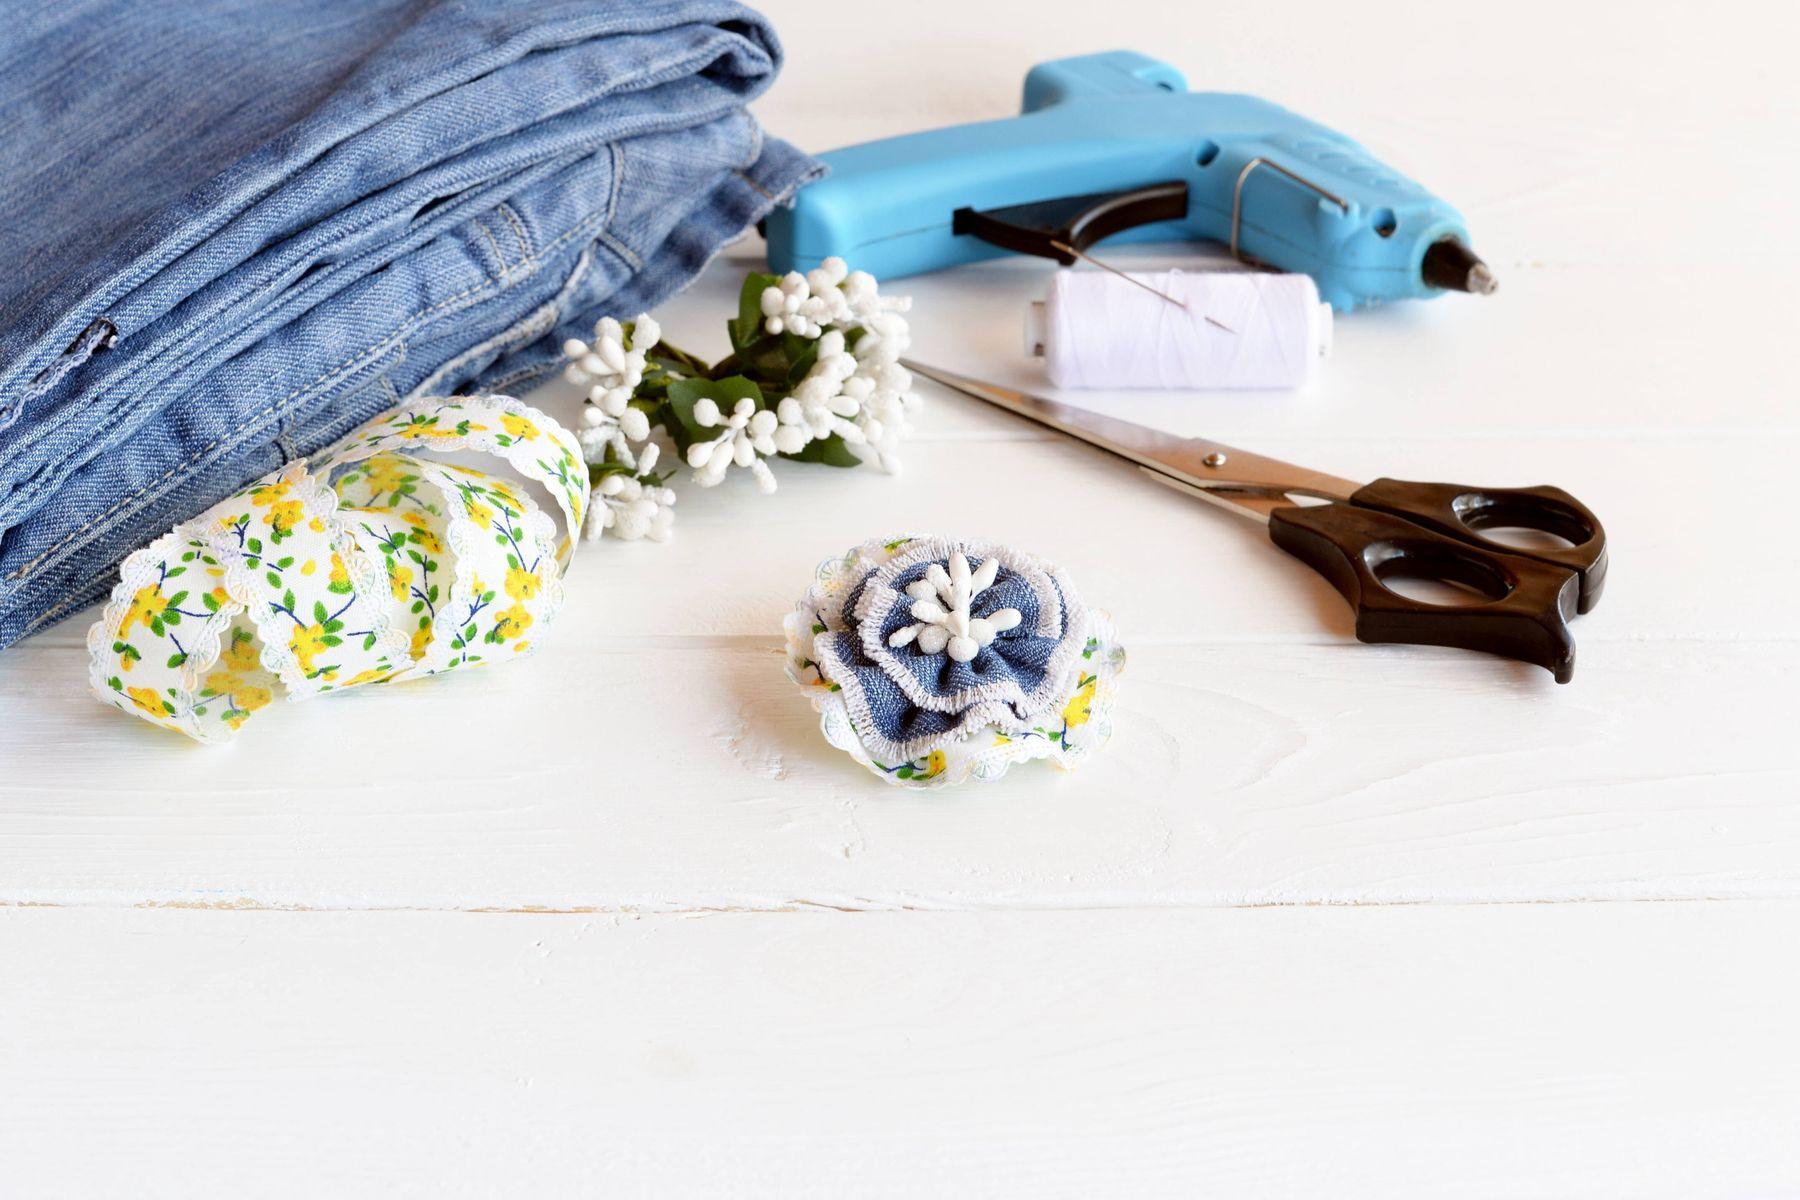 Kesme yöntemi ile çamaşır suyu lekelerinden kurtulabilir ve kıyafetlerinize yeni bir hava katabilirsiniz.